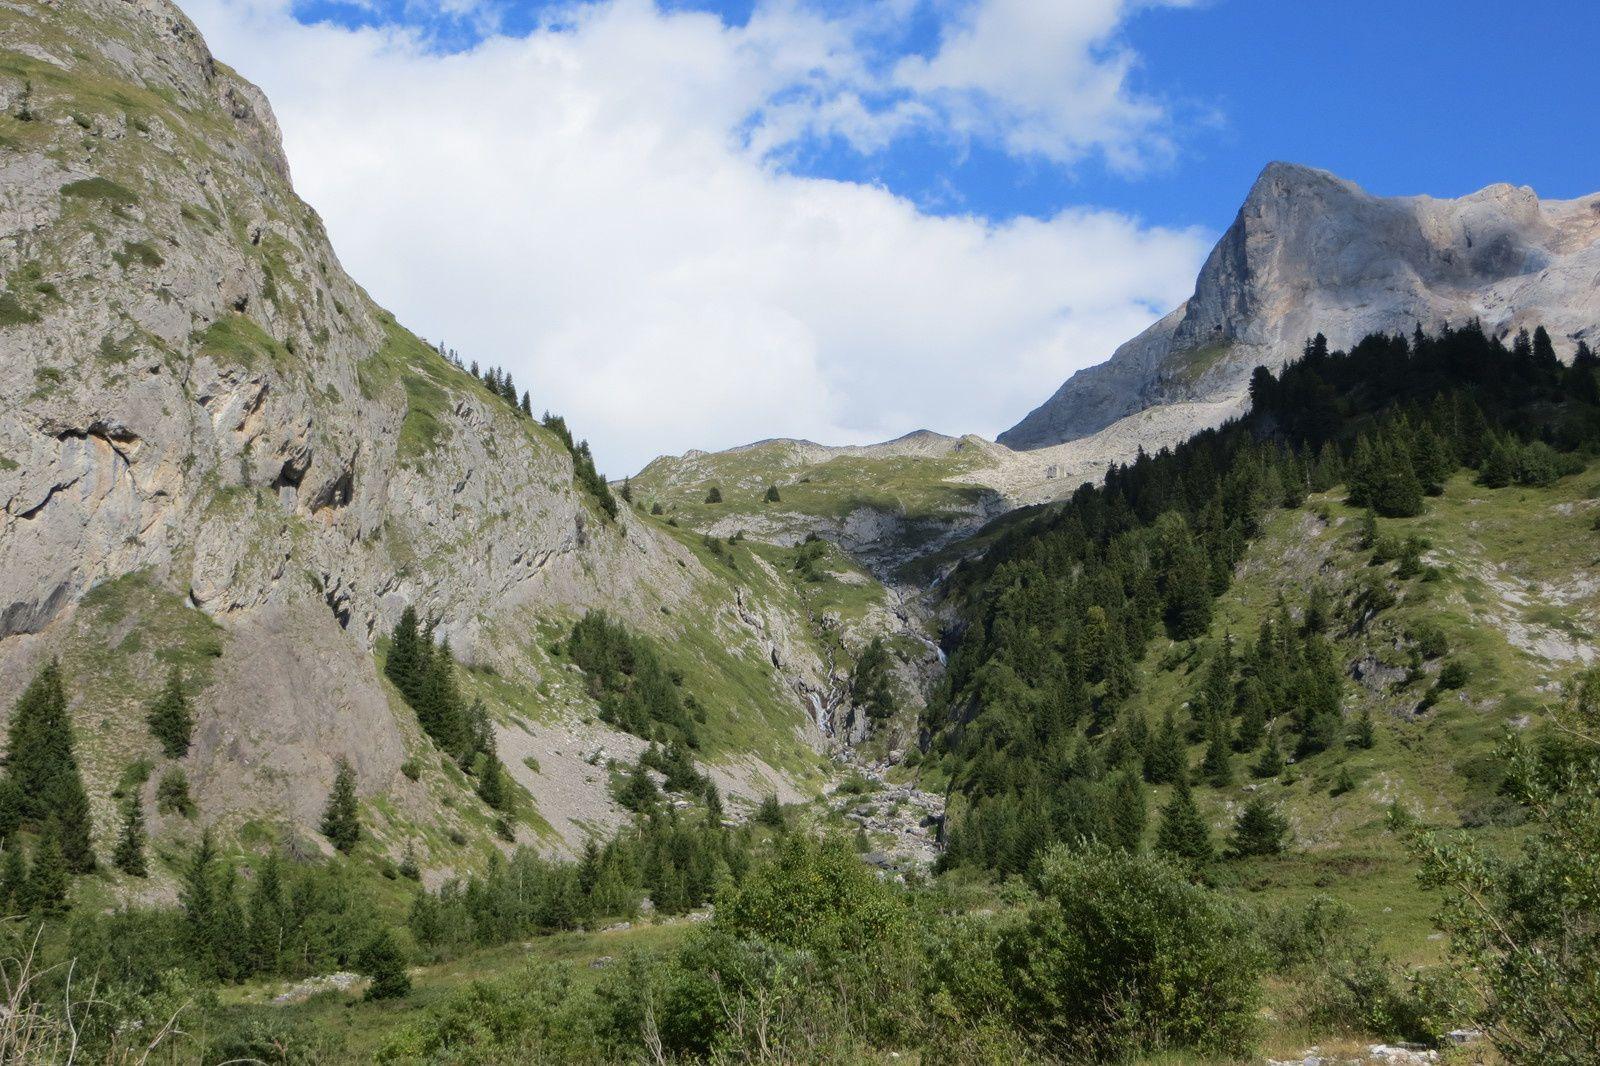 Vue arrière sur l'itinéraire de descente (Vallon de l'Arcellin)